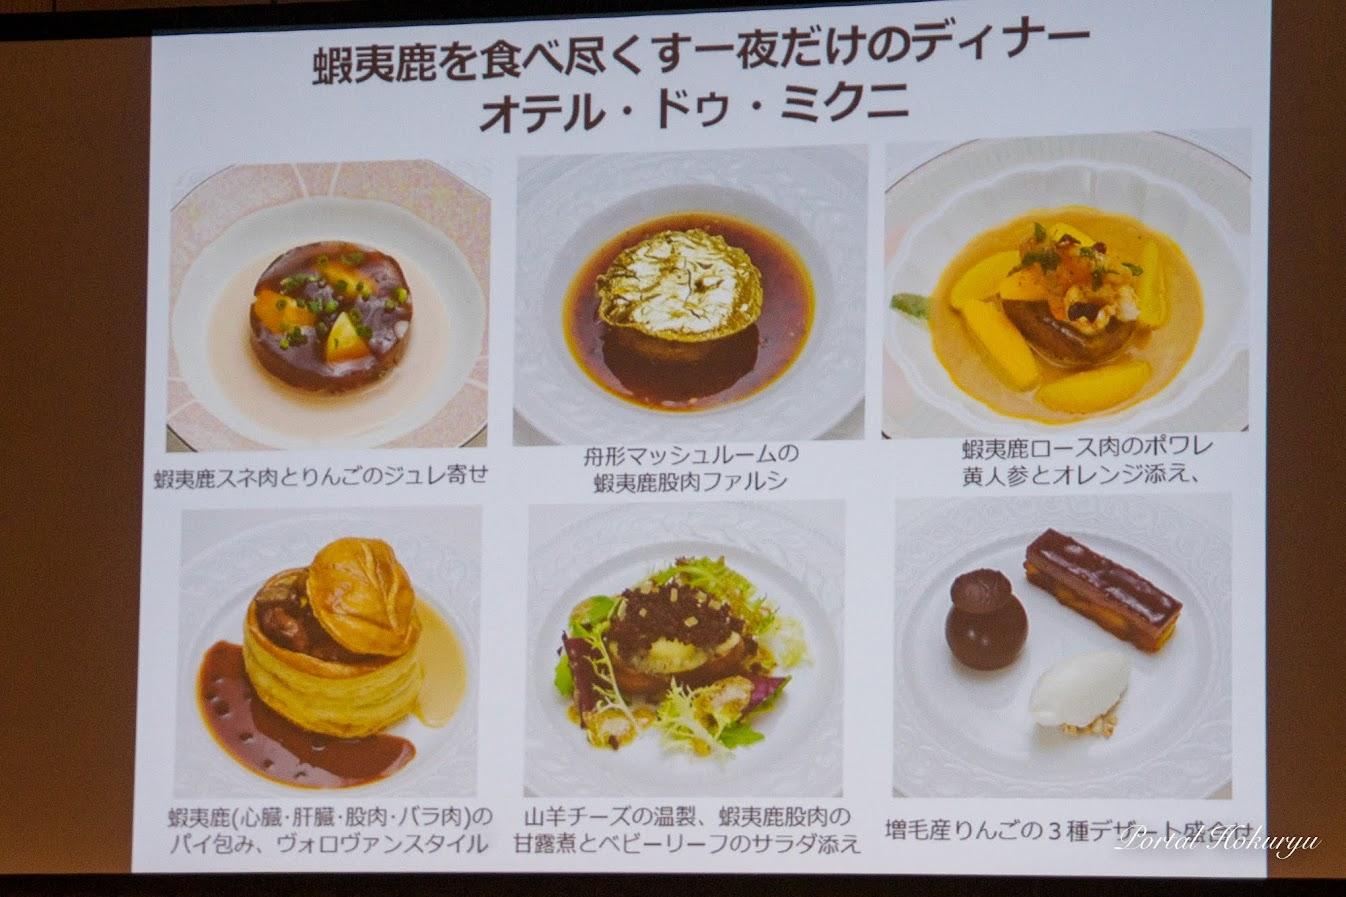 オテル・ドゥ・ミクニ ジビエのフルコース料理